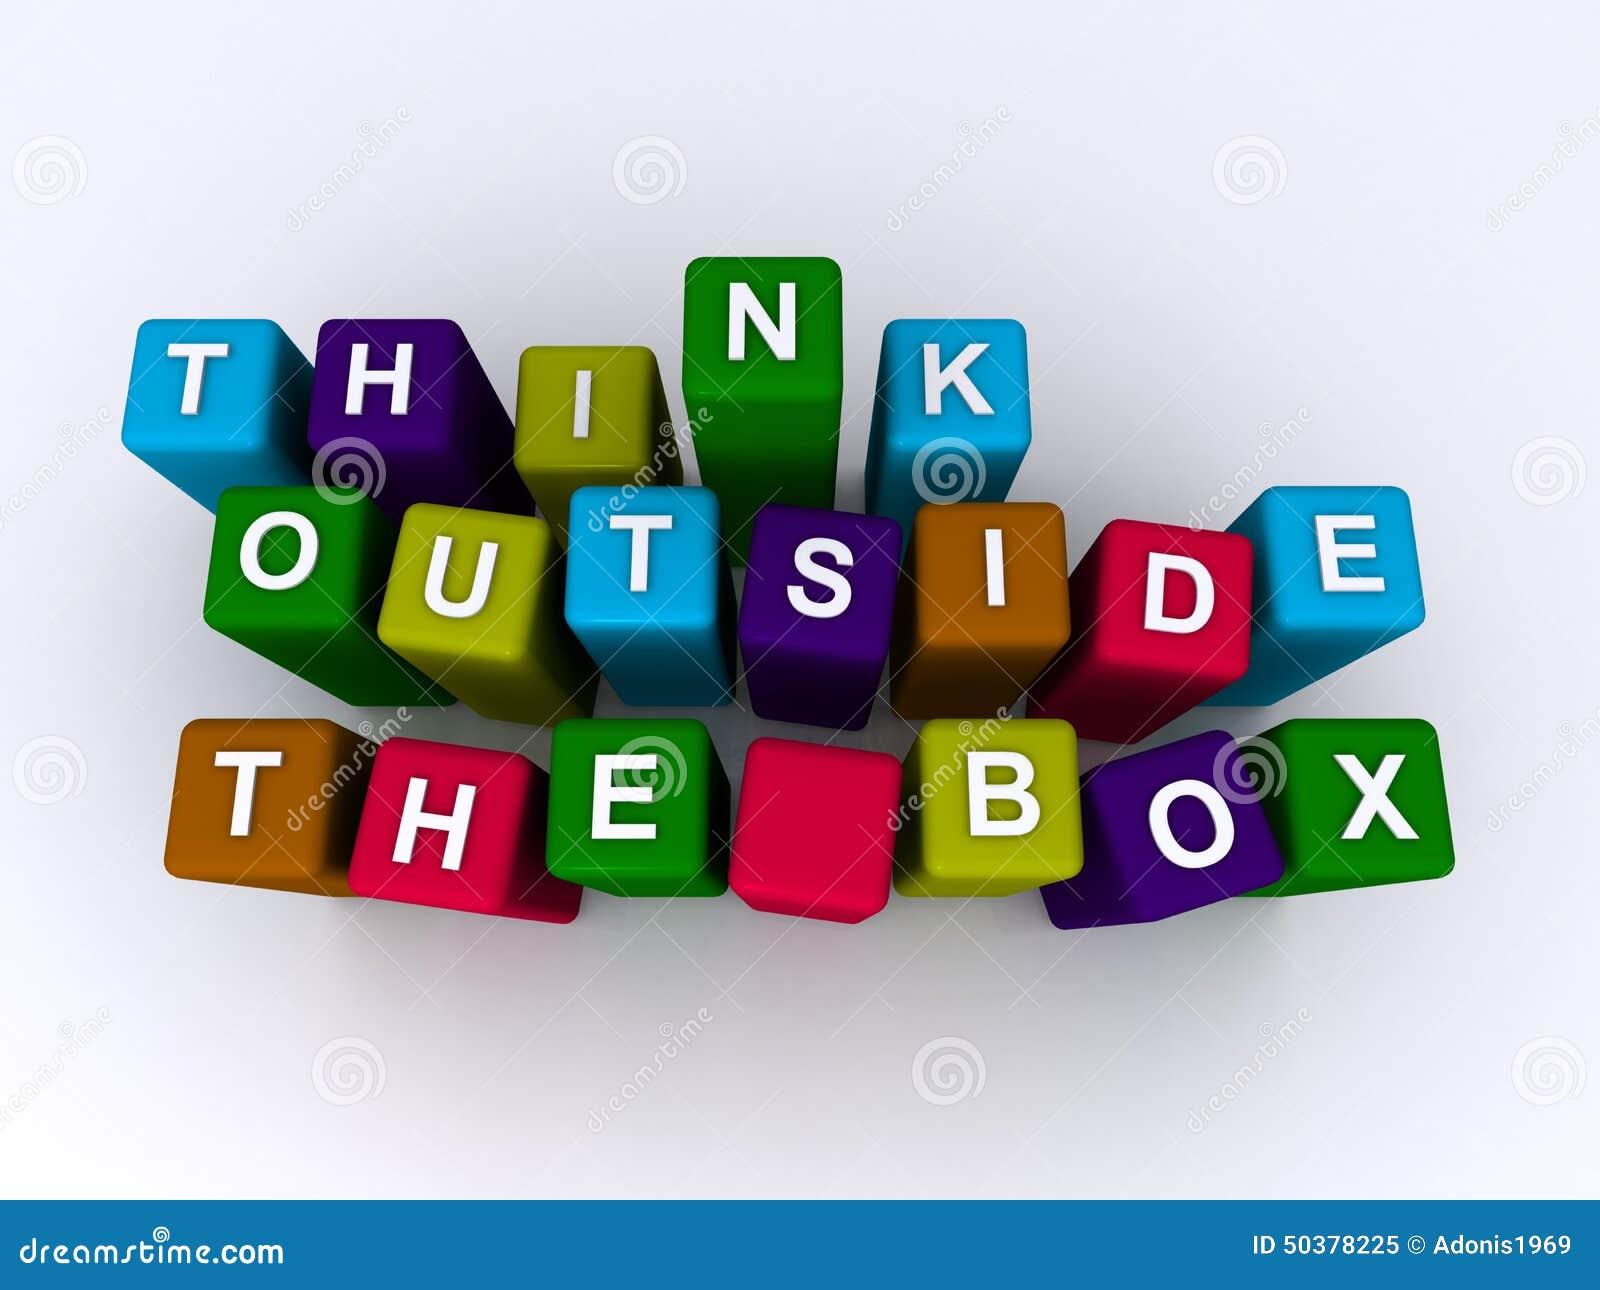 Denk buiten de doos